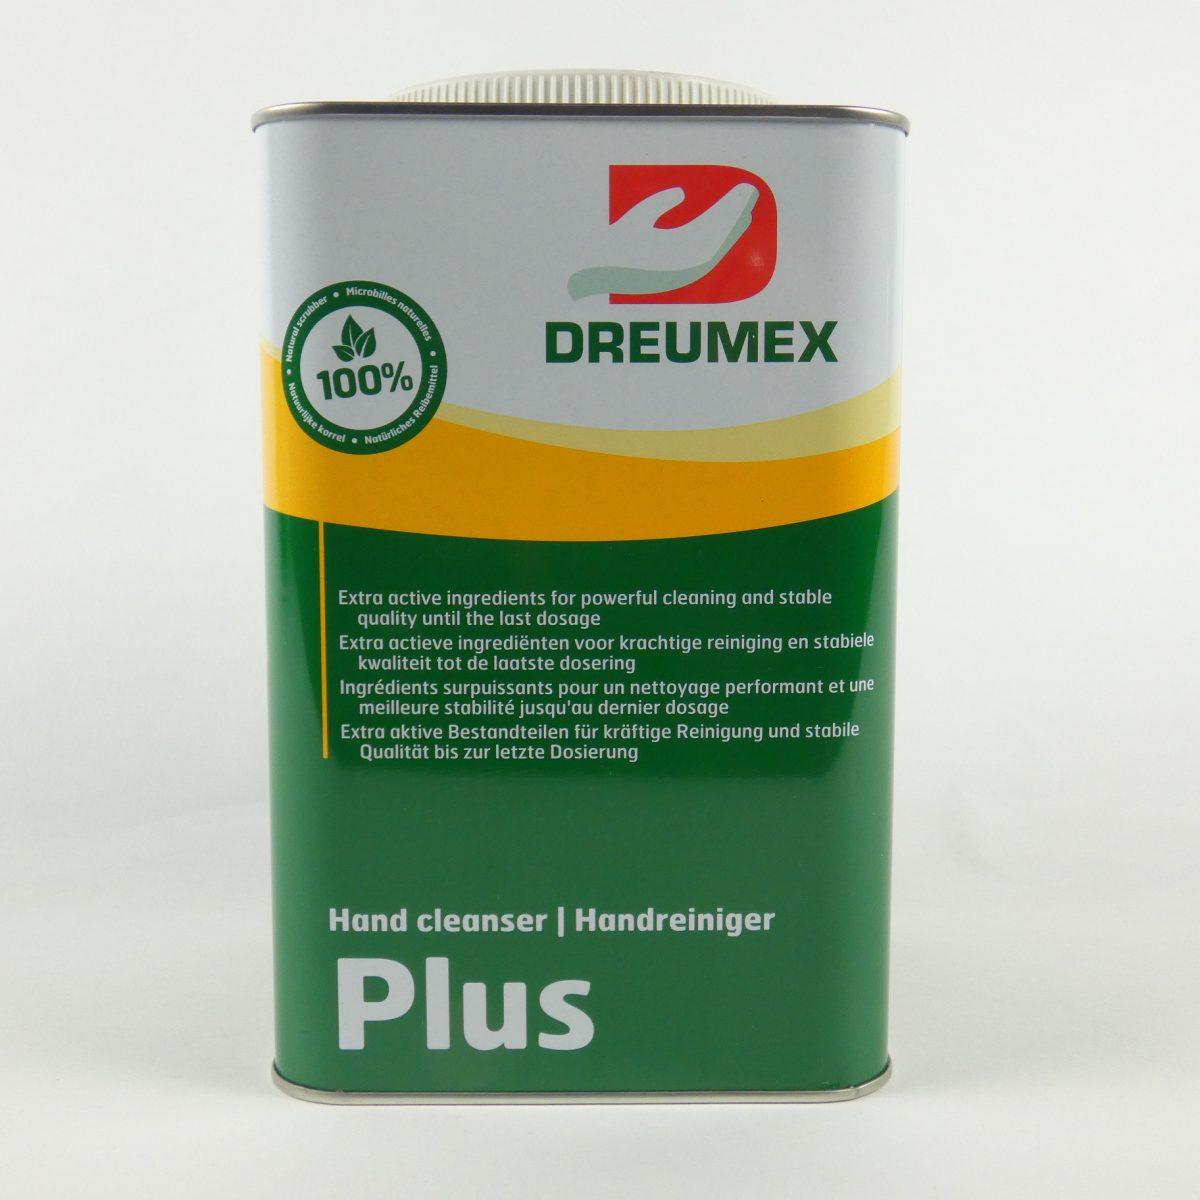 Dreumex handreiniger plus Dosgros Drachten Oosterwolde 4,5L cleaner